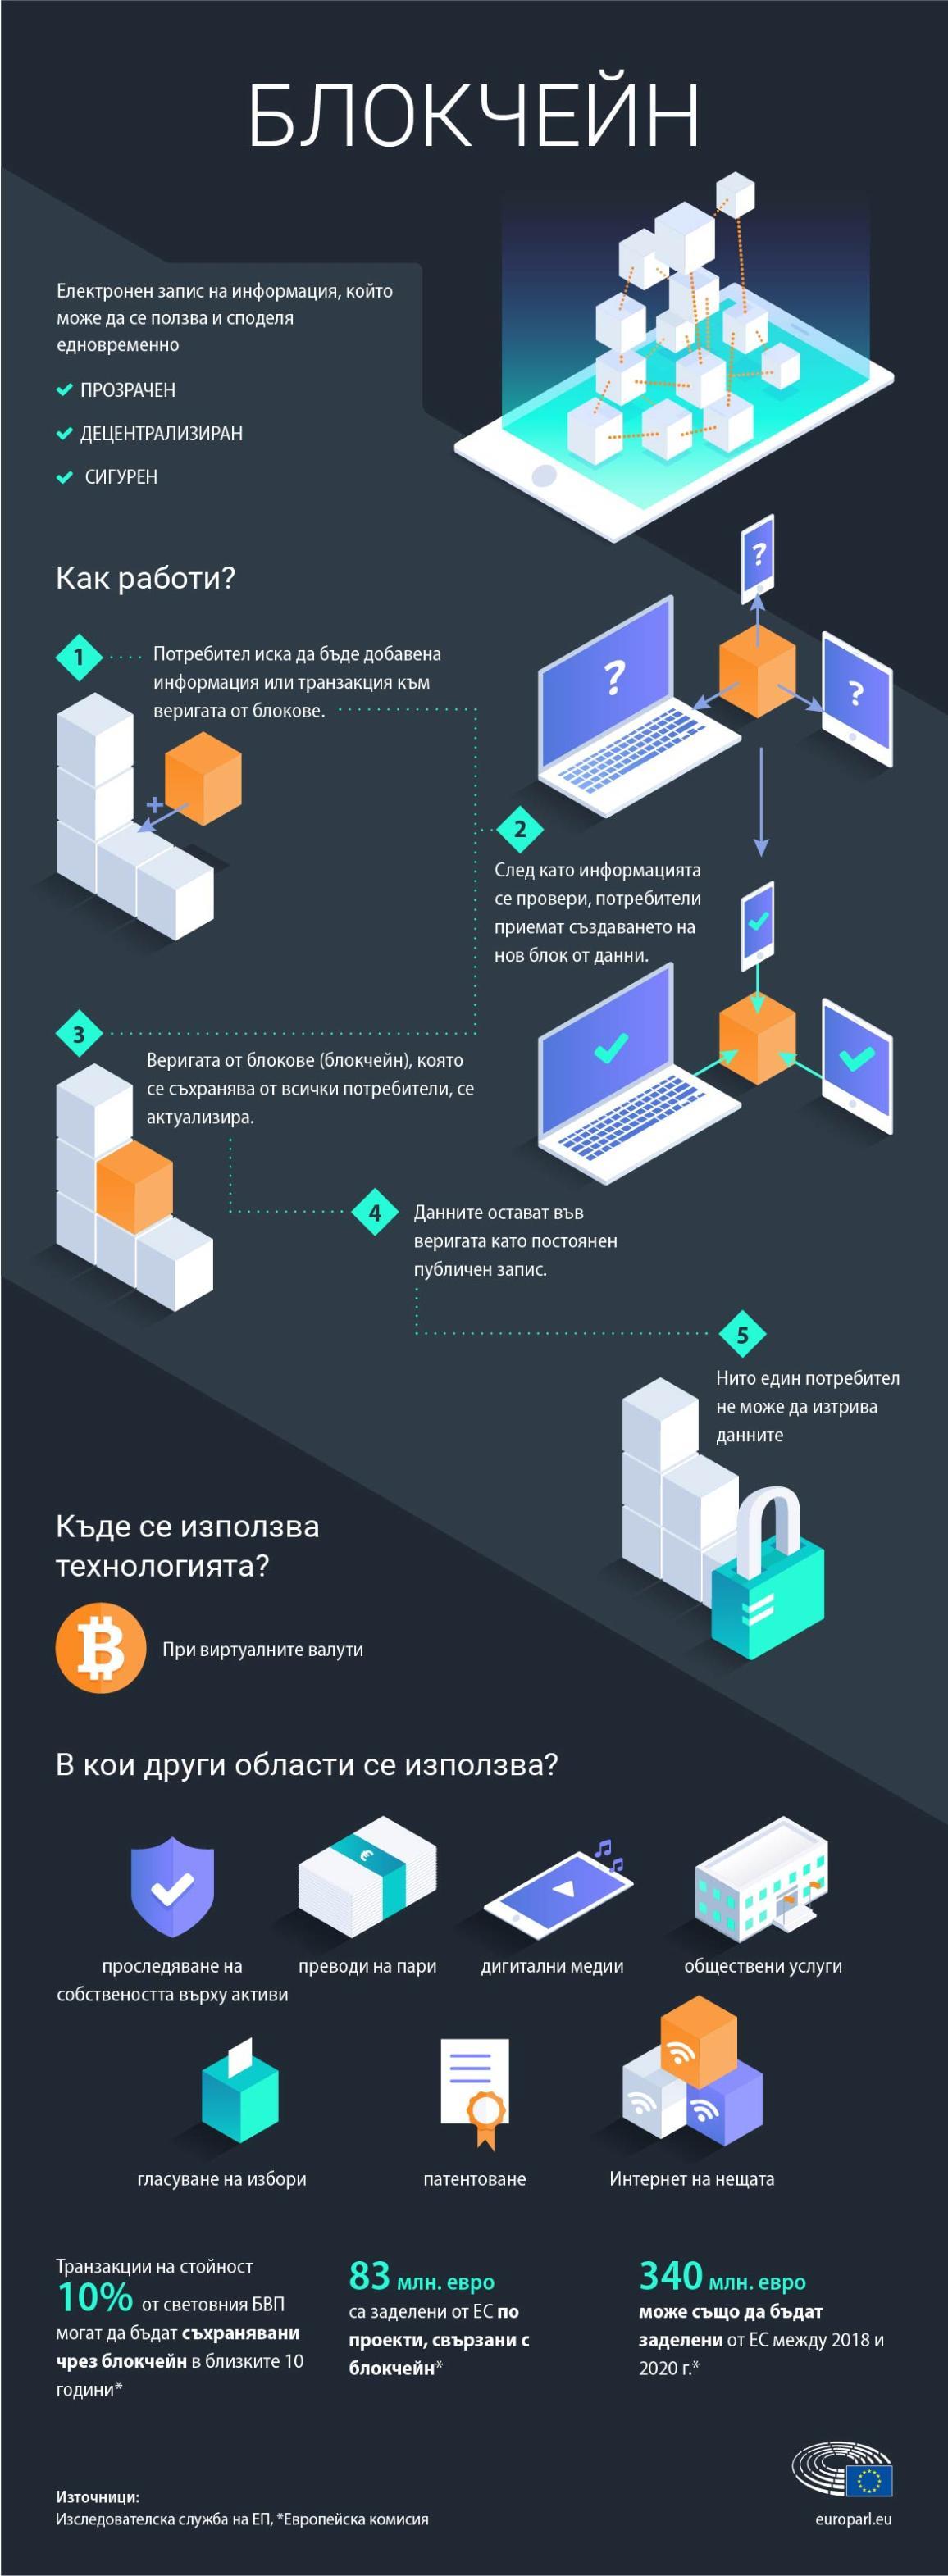 Инфографика: Какво представлява блокчейн технологията и как работи